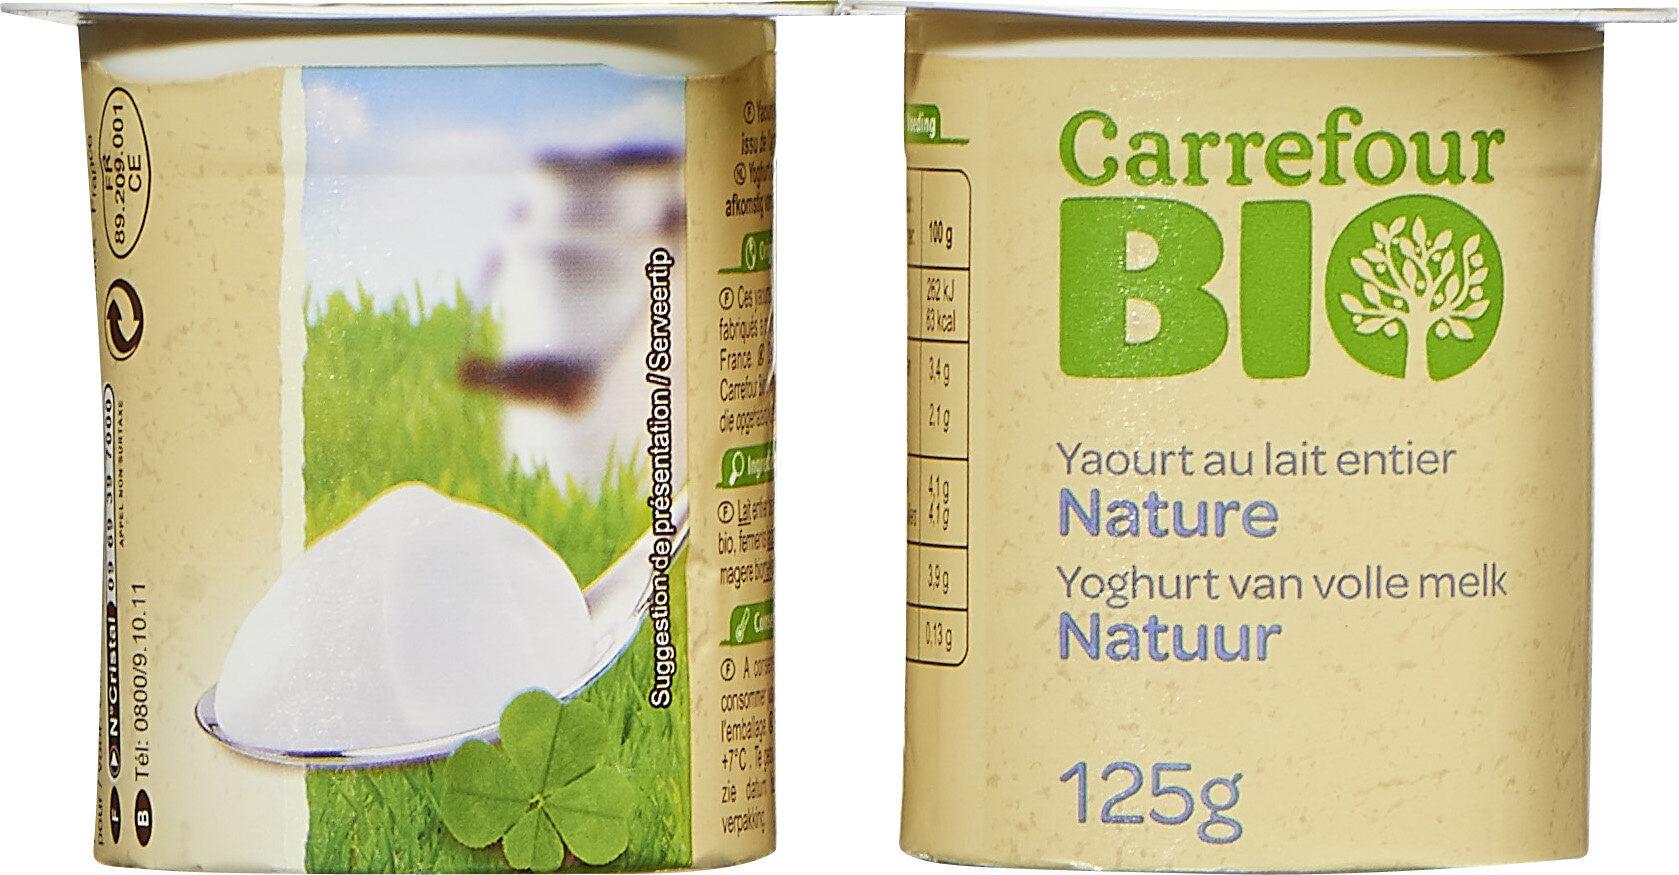 Yaourt au lait entier nature - Продукт - fr